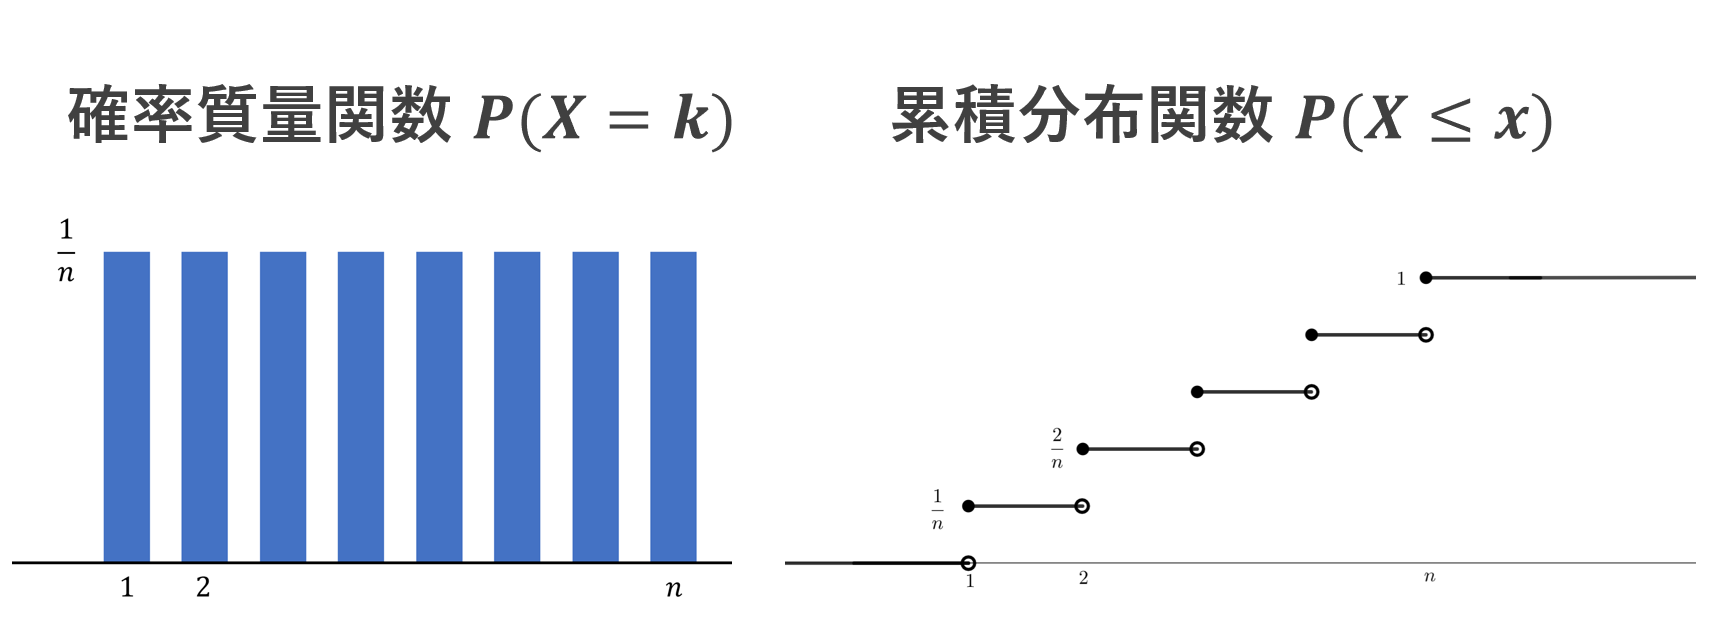 累積分布関数(分布関数)の定義と例と性質7つ